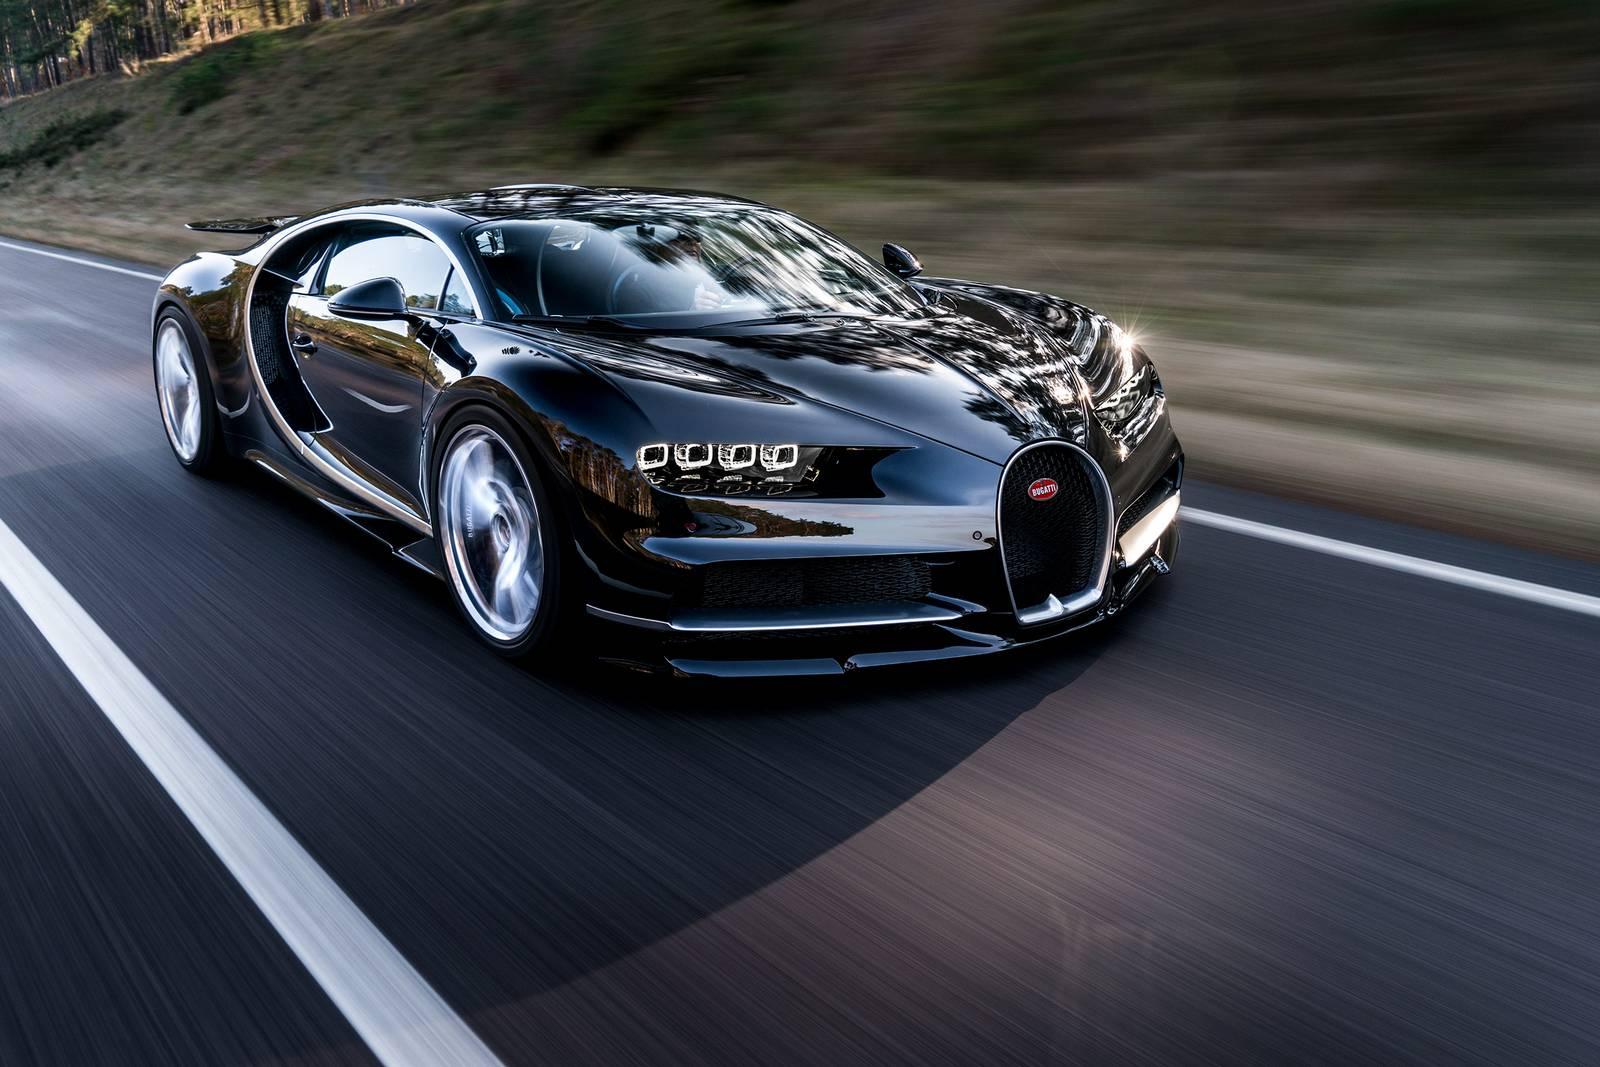 بالصور سيارة فخمه جدا , هذه هي السيارة الافخم على الاطلاق unnamed file 4